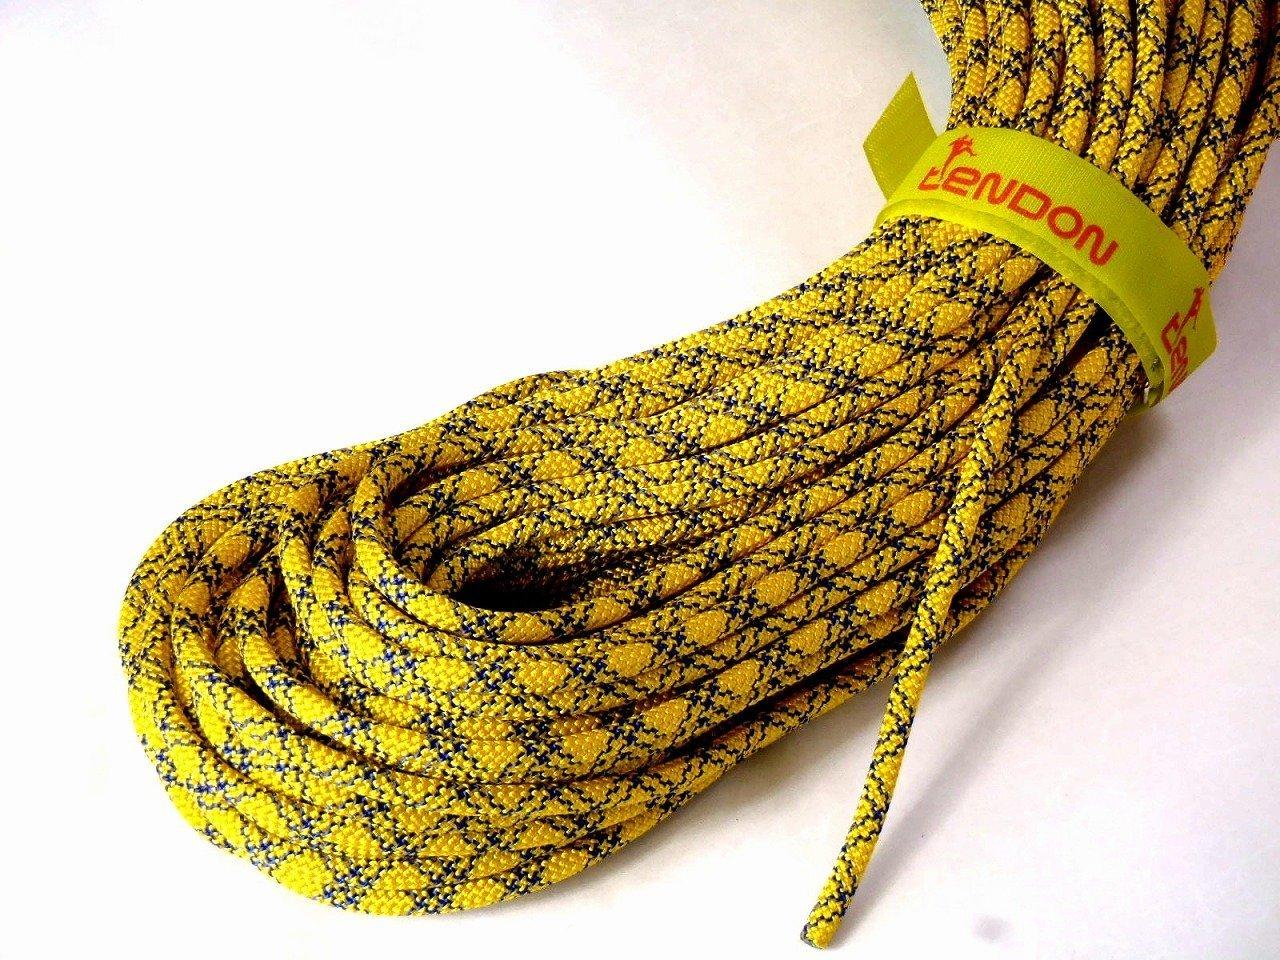 お気に入り テンドン クライミングロープ アンビション ダブル 8.5mm 50m イエロー コンプリートシールド加工 B00OH6CH54, ワカマツ:ee008e8a --- a0267596.xsph.ru